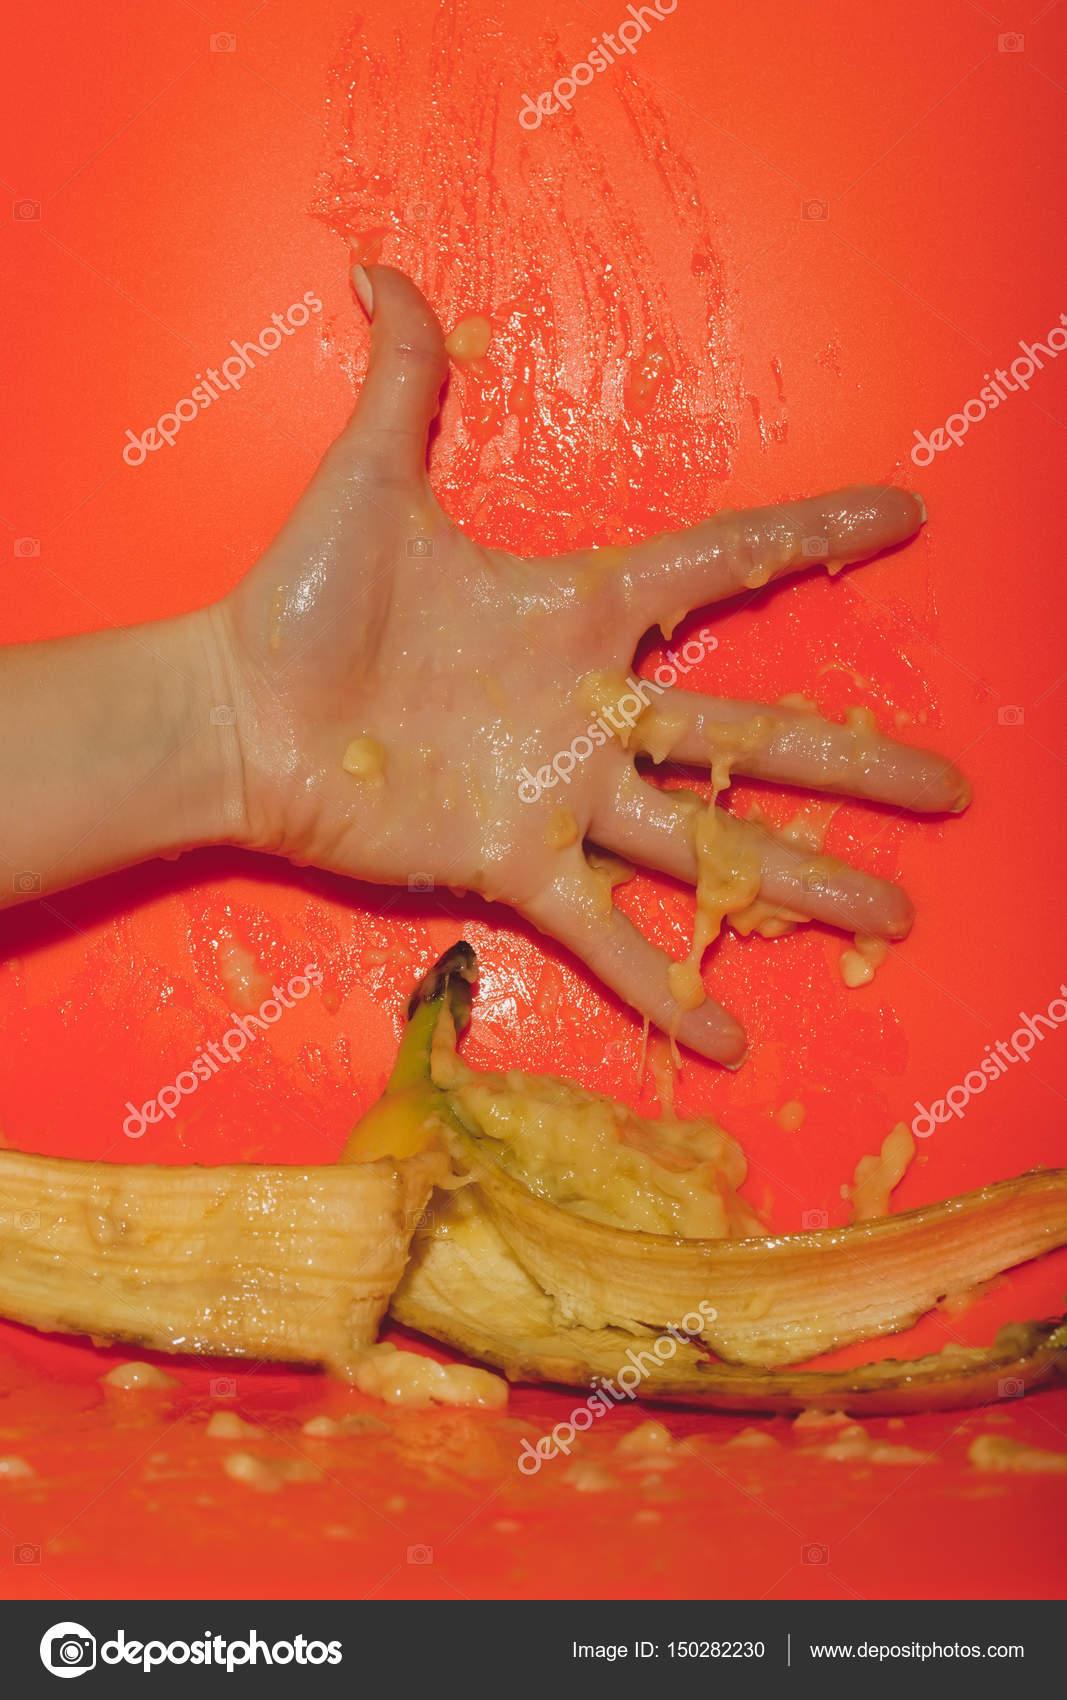 Weibliche Hand drückte Saft oder Squash von Banane — Stockfoto ...